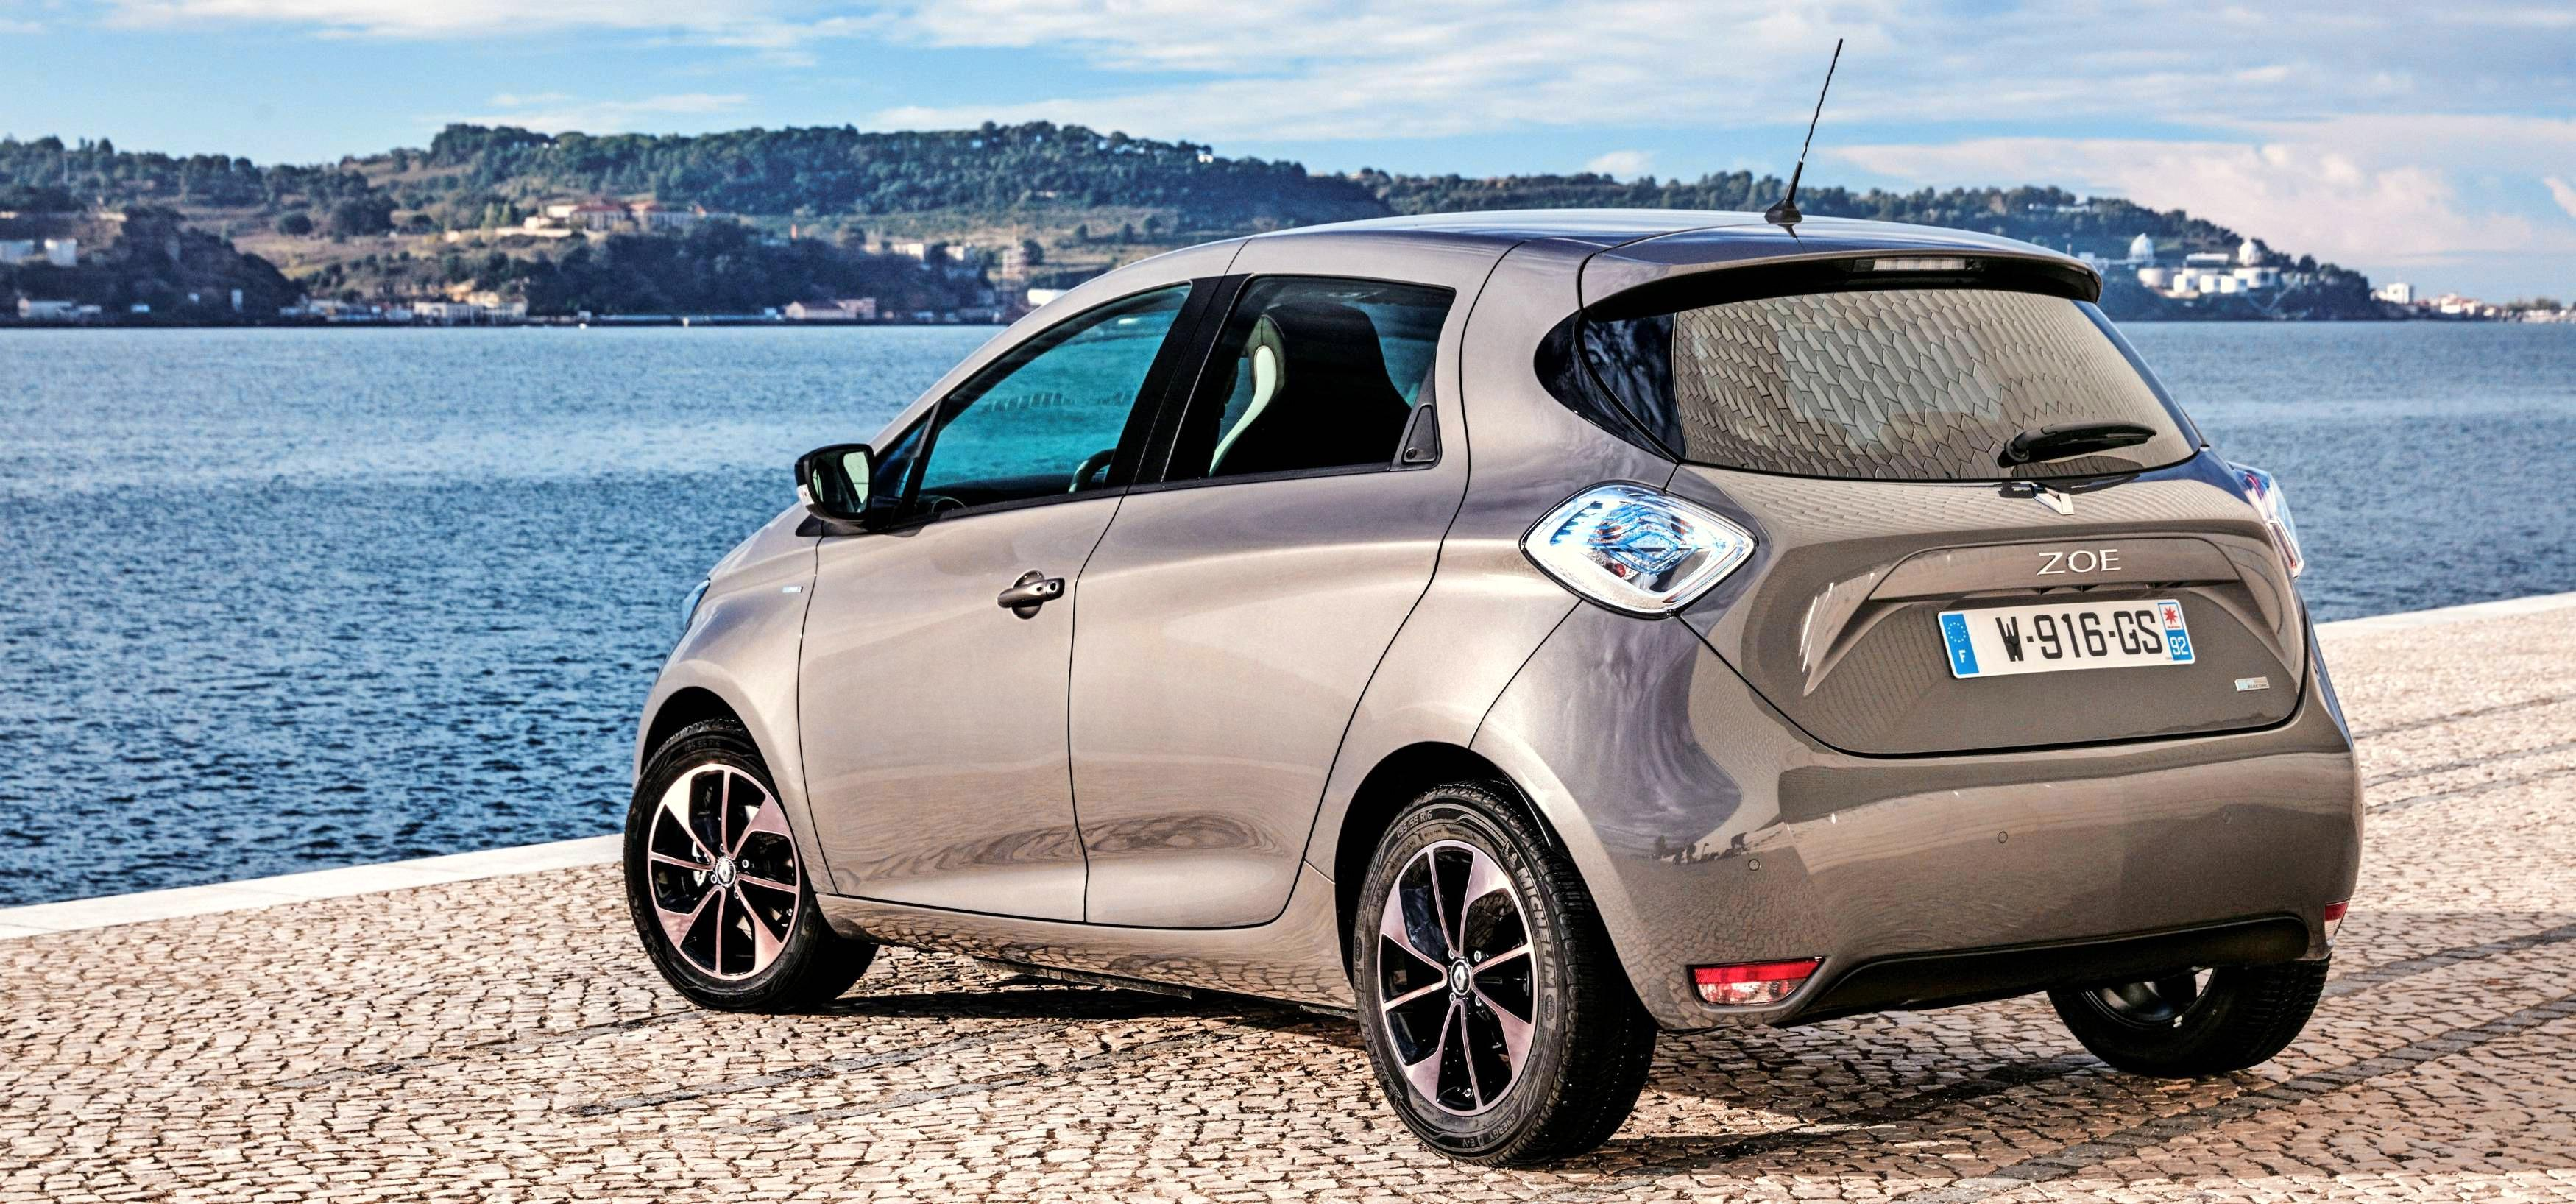 Der Renault Zoe ist das meistverkaufte Elektroauto in Deutschland. In der neuen Version steigt die Reichweite auf bis zu 390 Kilometer. Foto: Renault